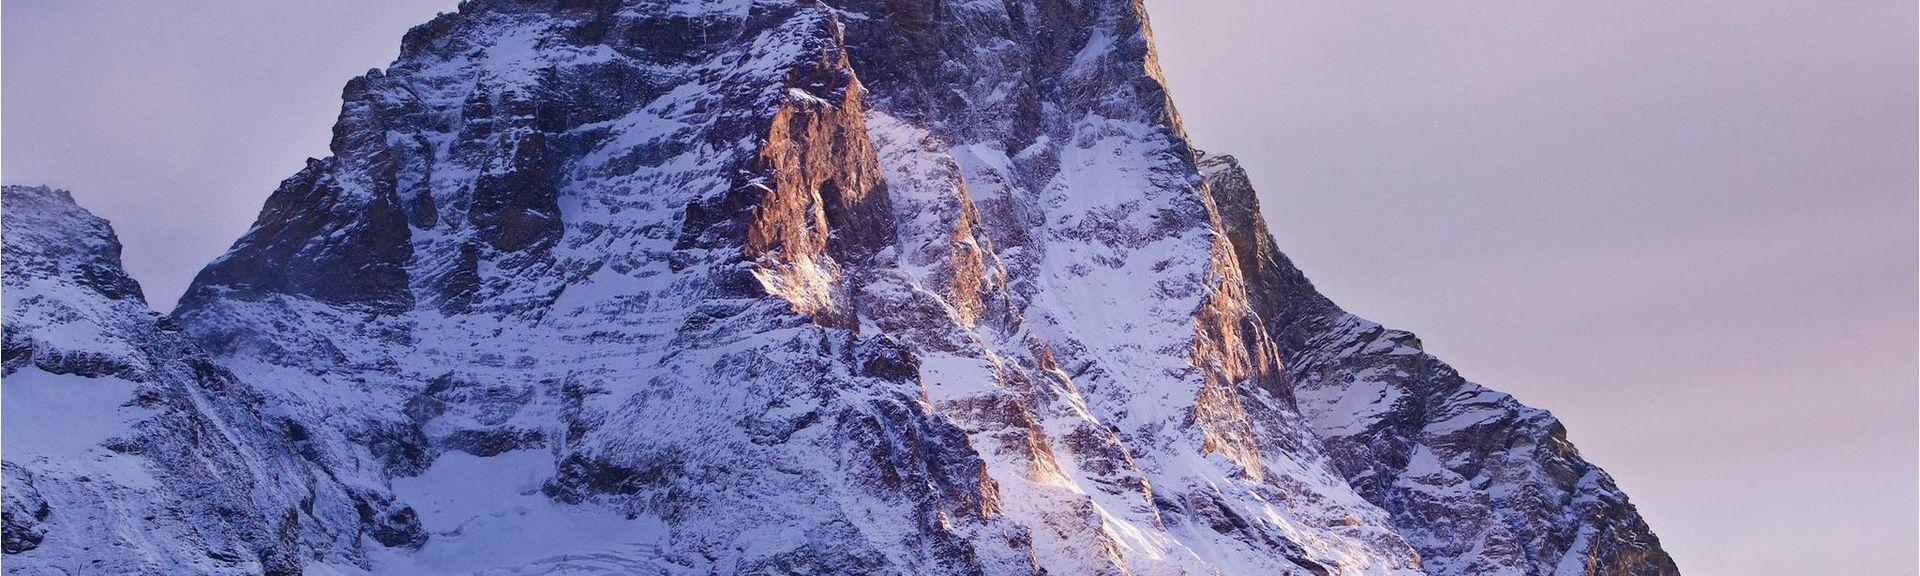 Chambave, Valle d'Aosta, Italy